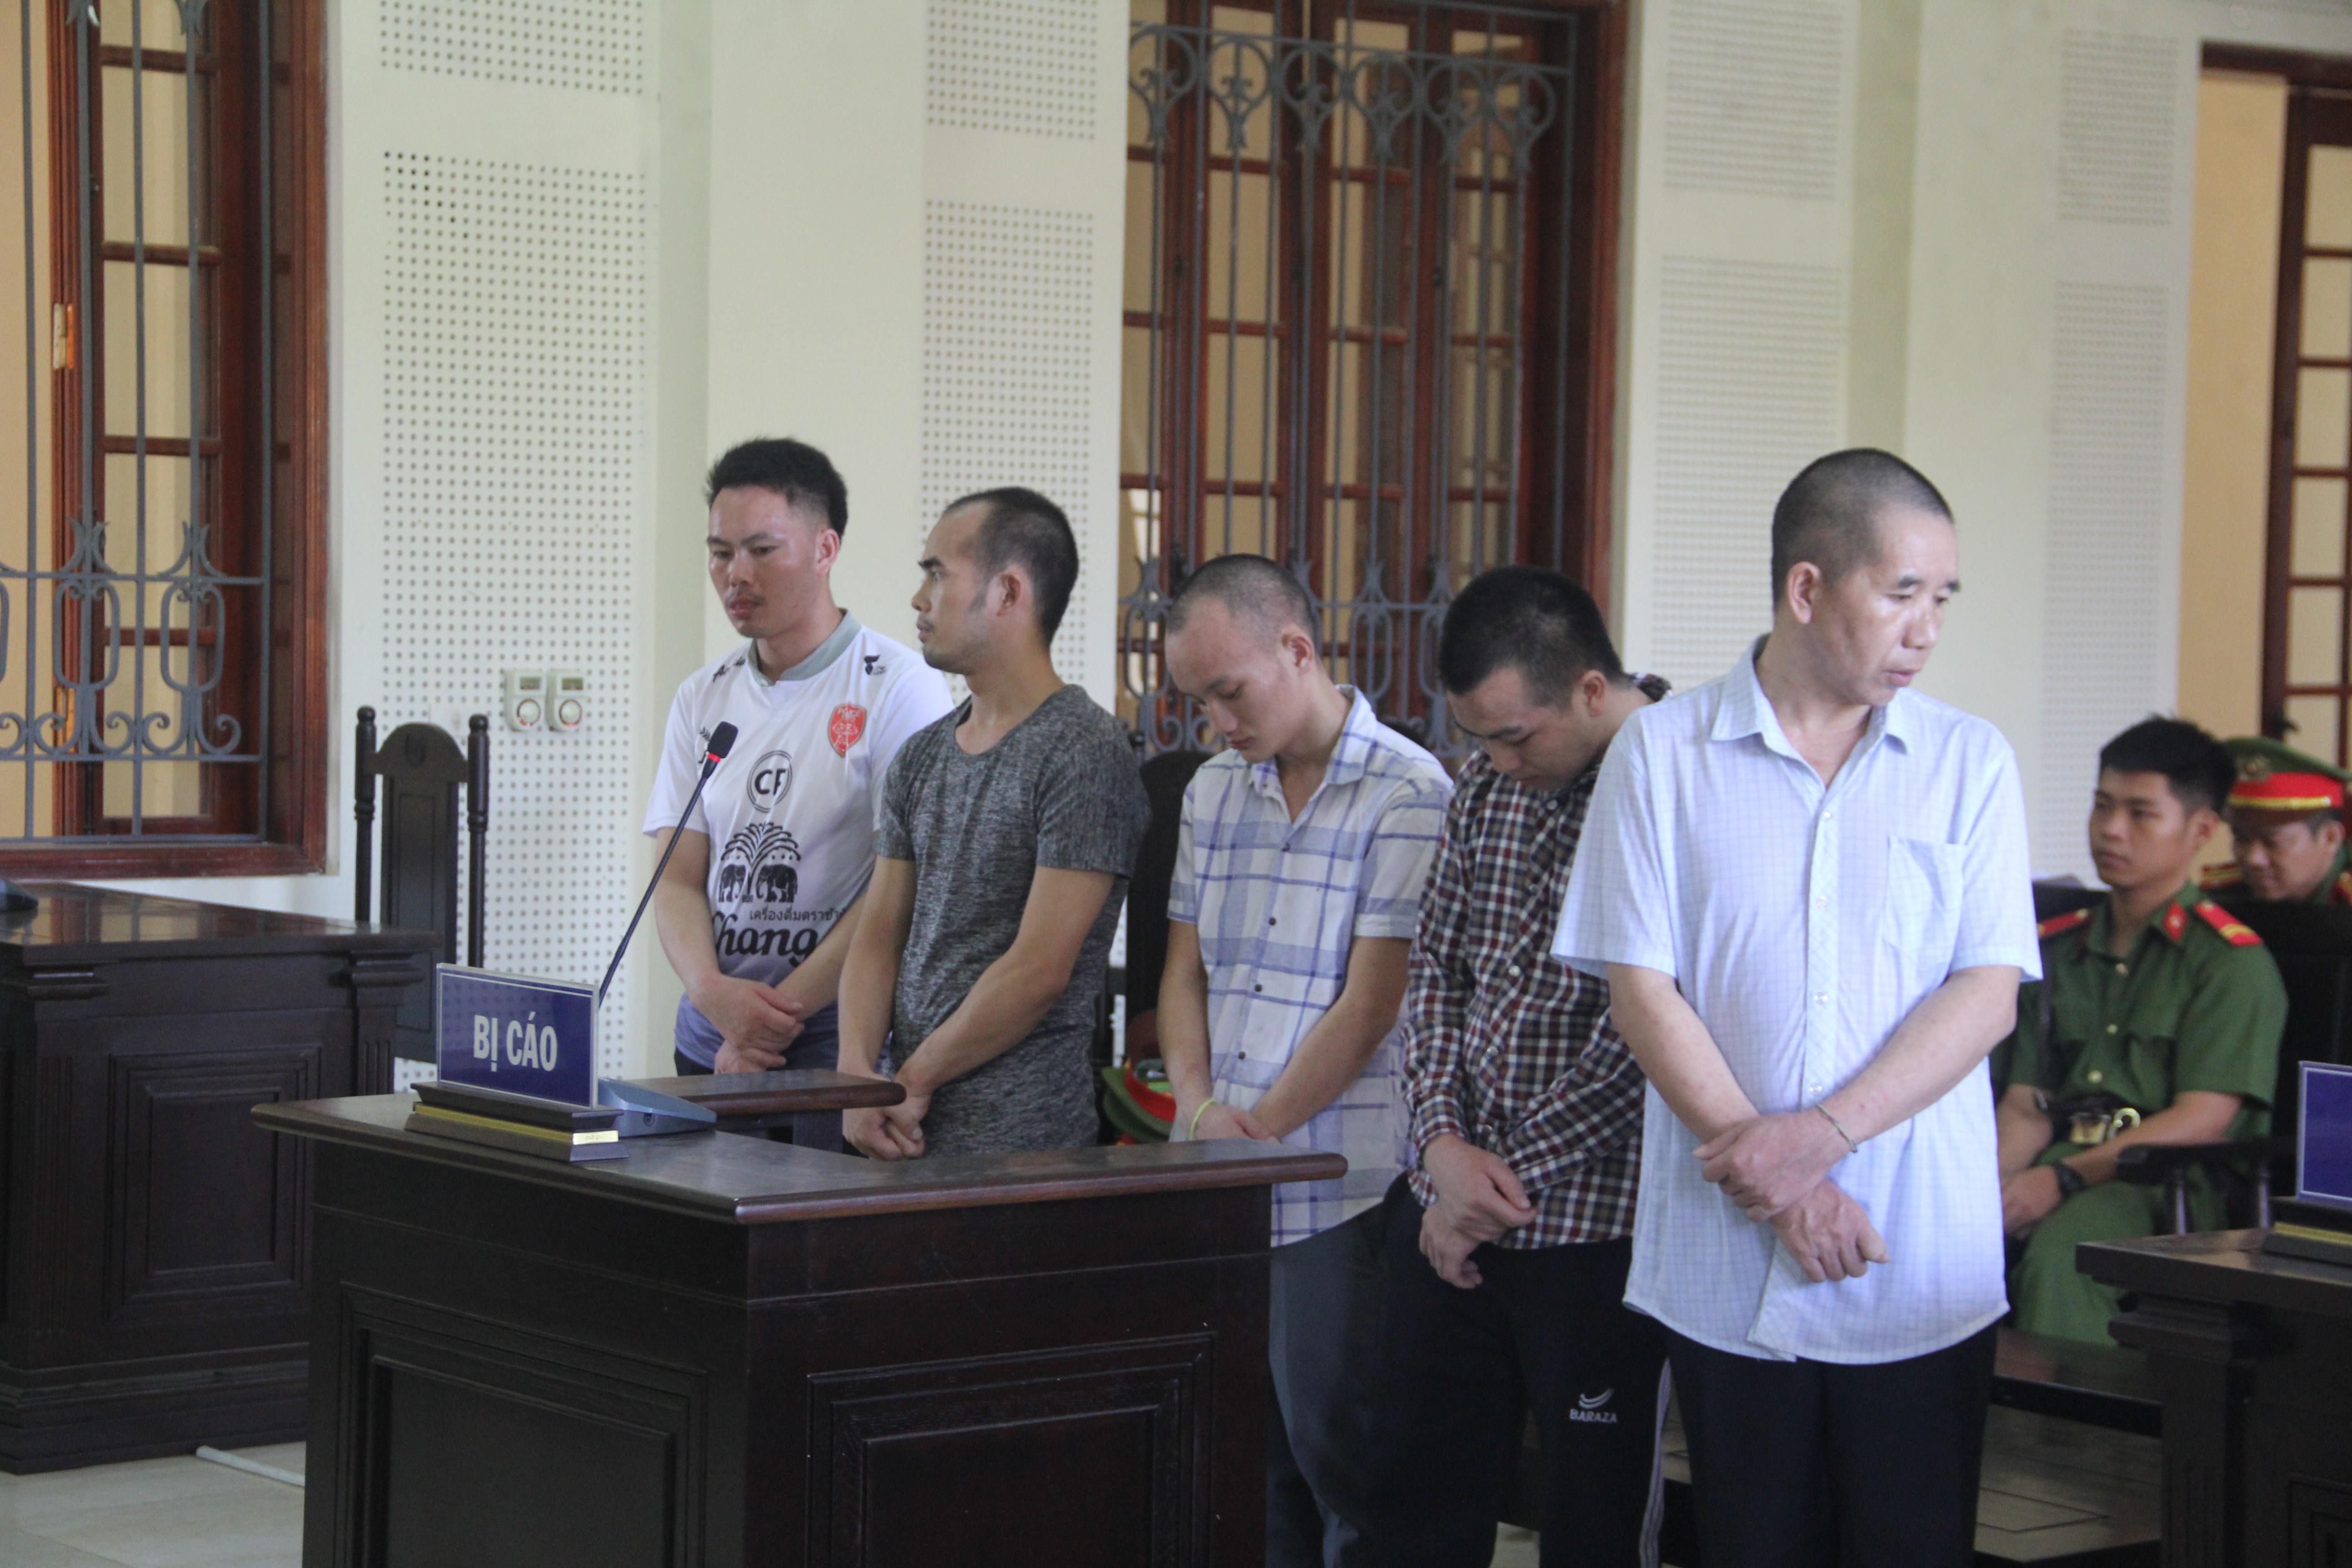 Mua bán 28kg ma túy, cặp ngoại quốc bật khóc nức nở ngay tại tòa - ảnh 1